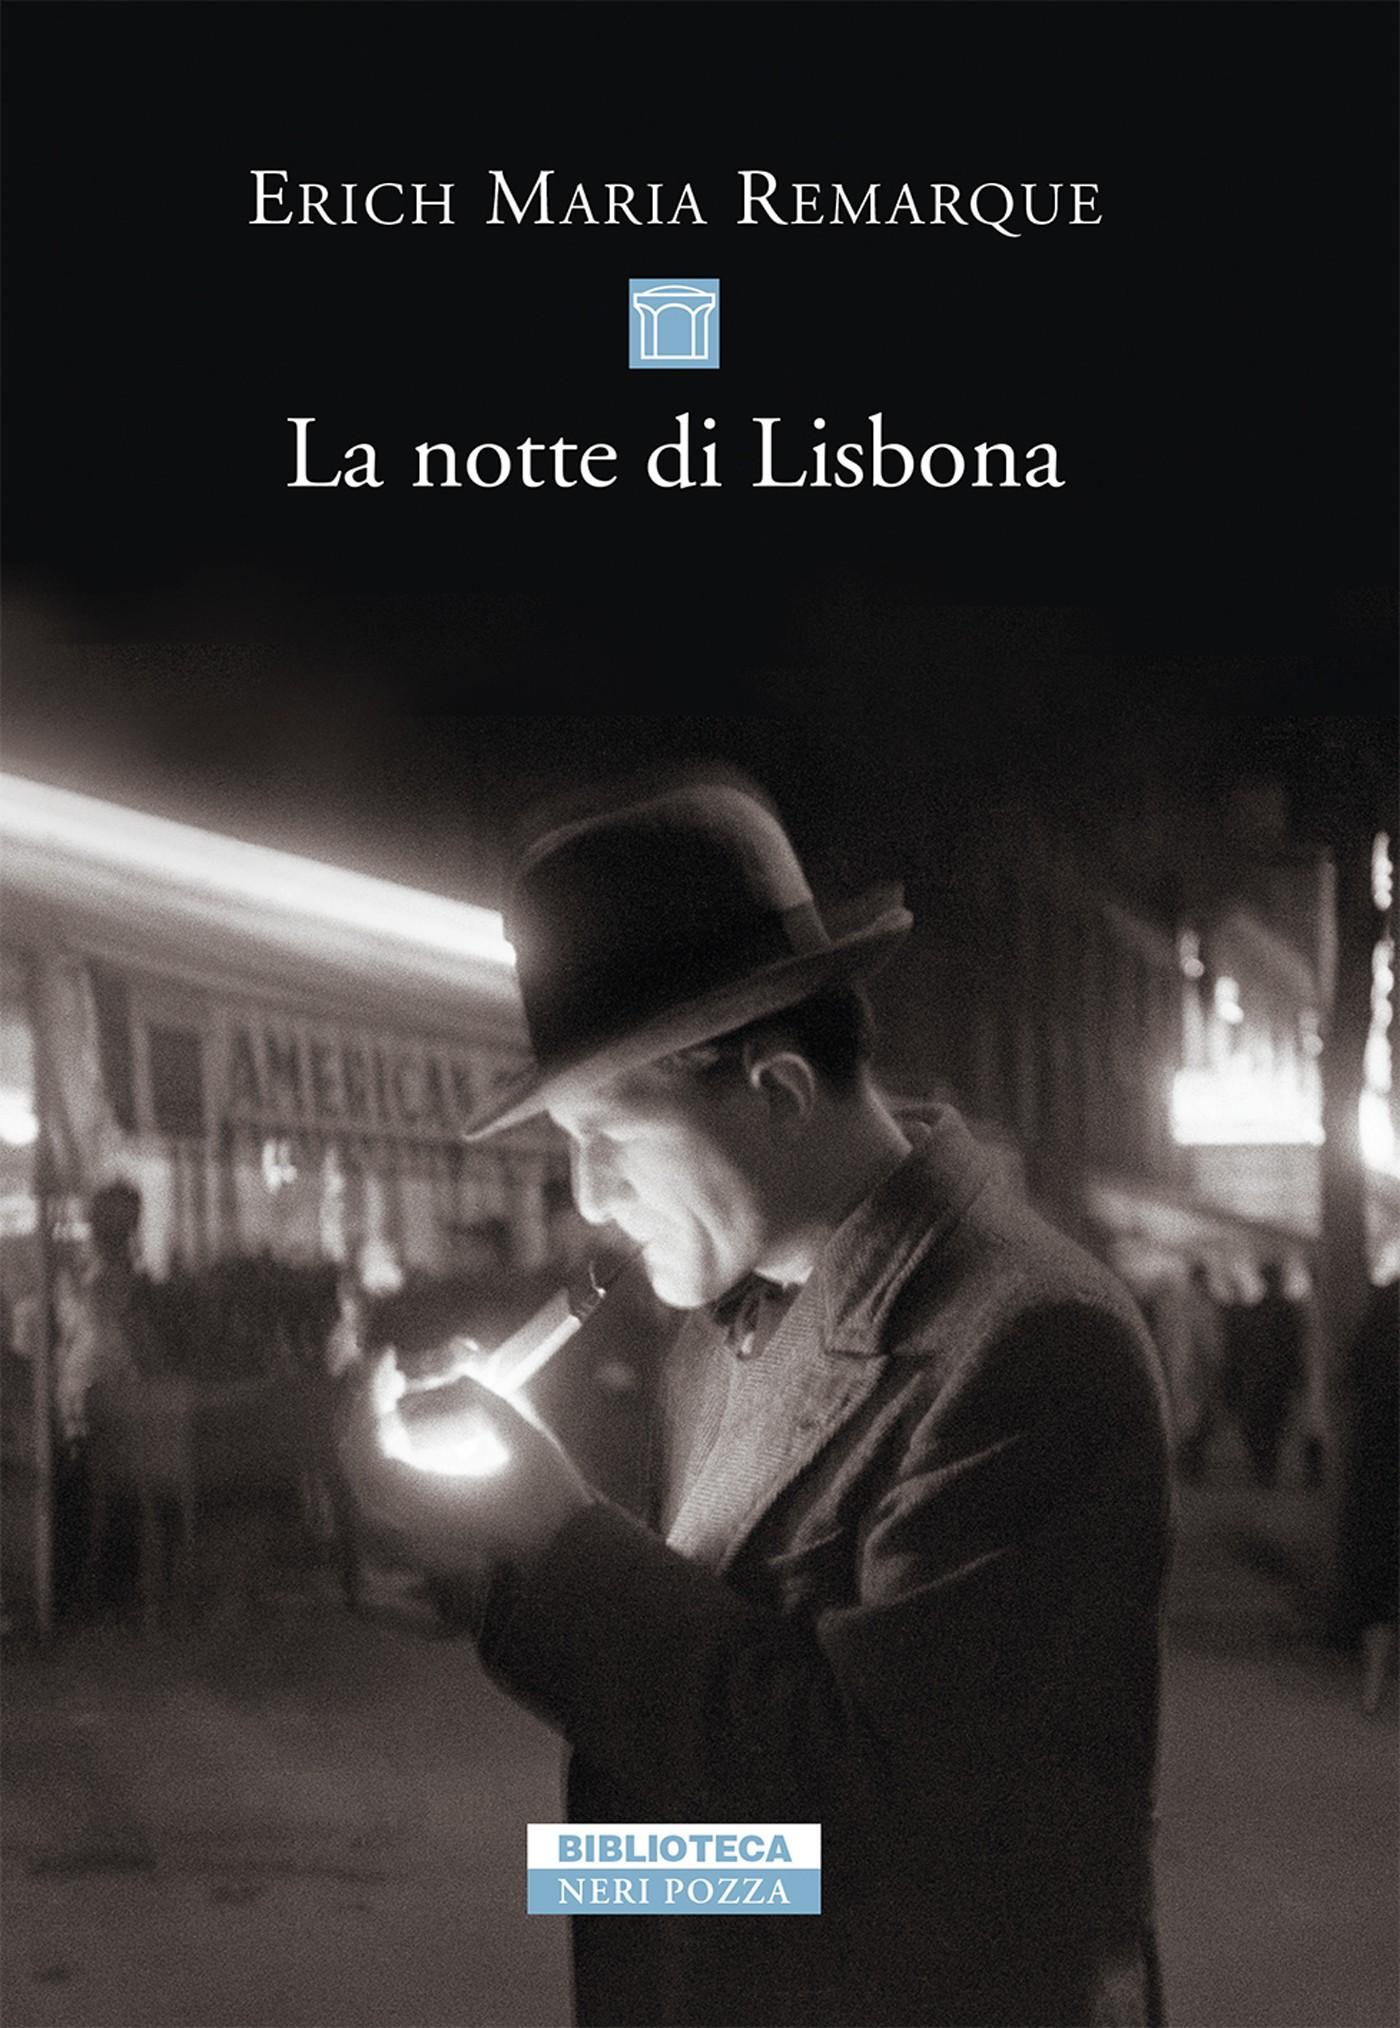 La notte di Lisbona di Erich Maria Remarque